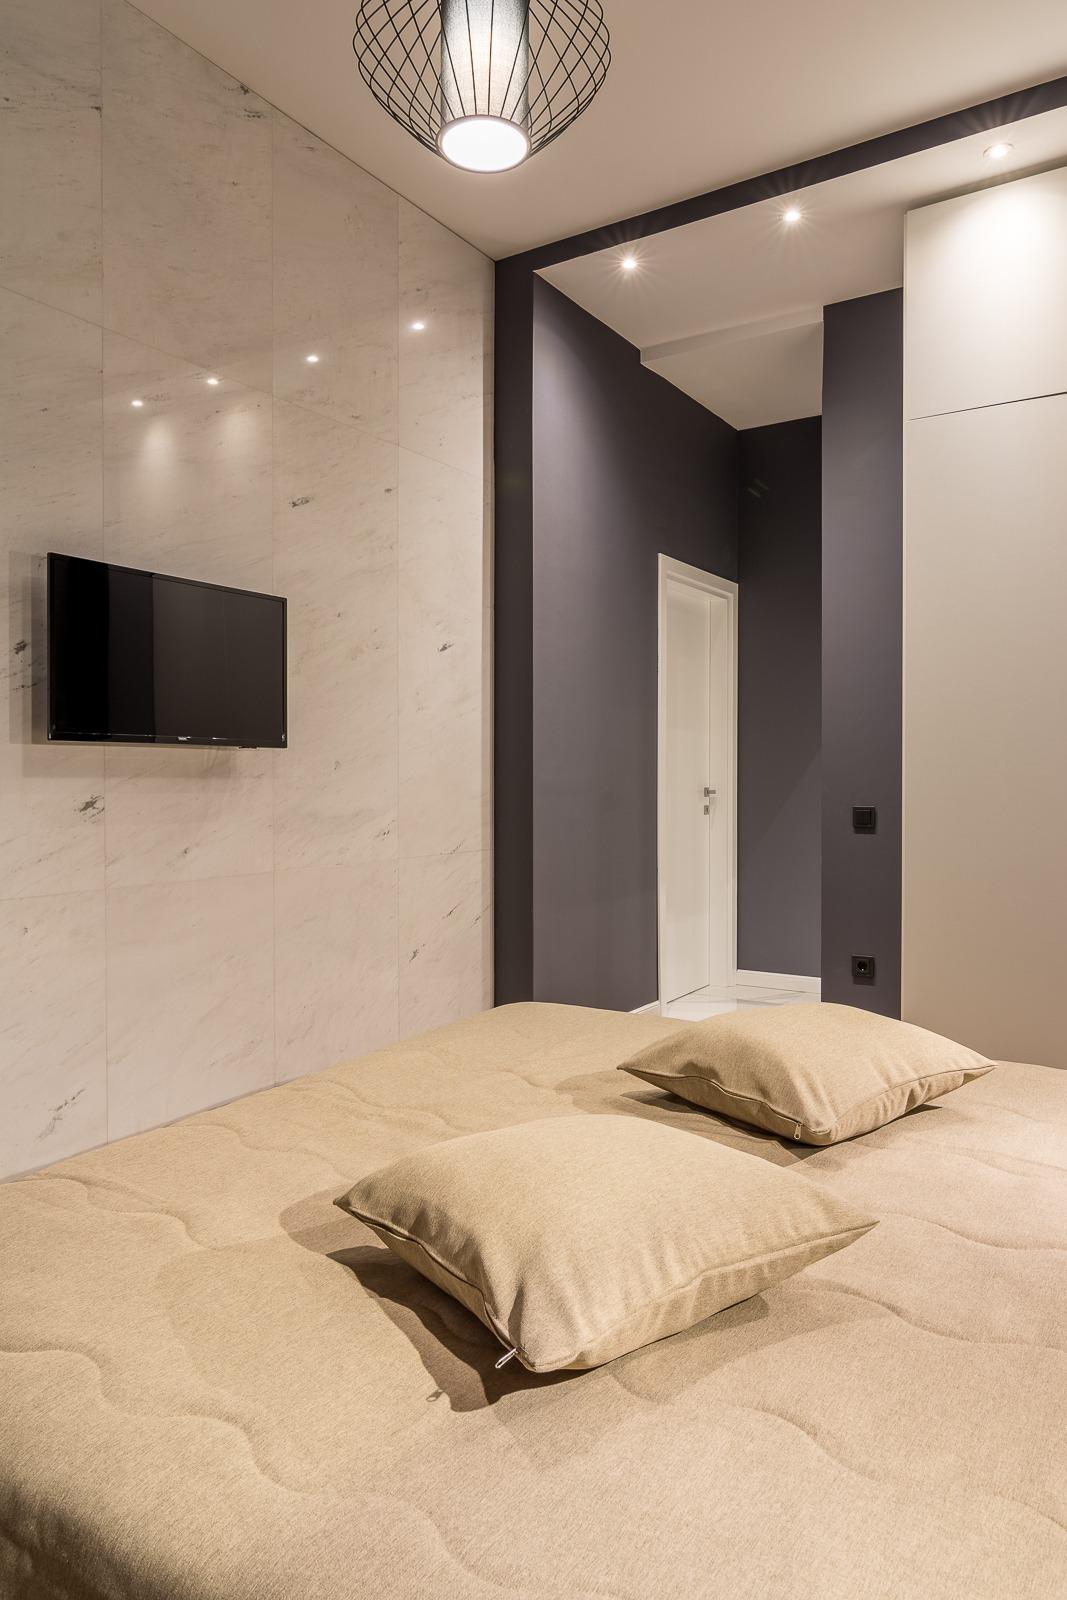 фотосесия на interiora.me за EDO Design Studio